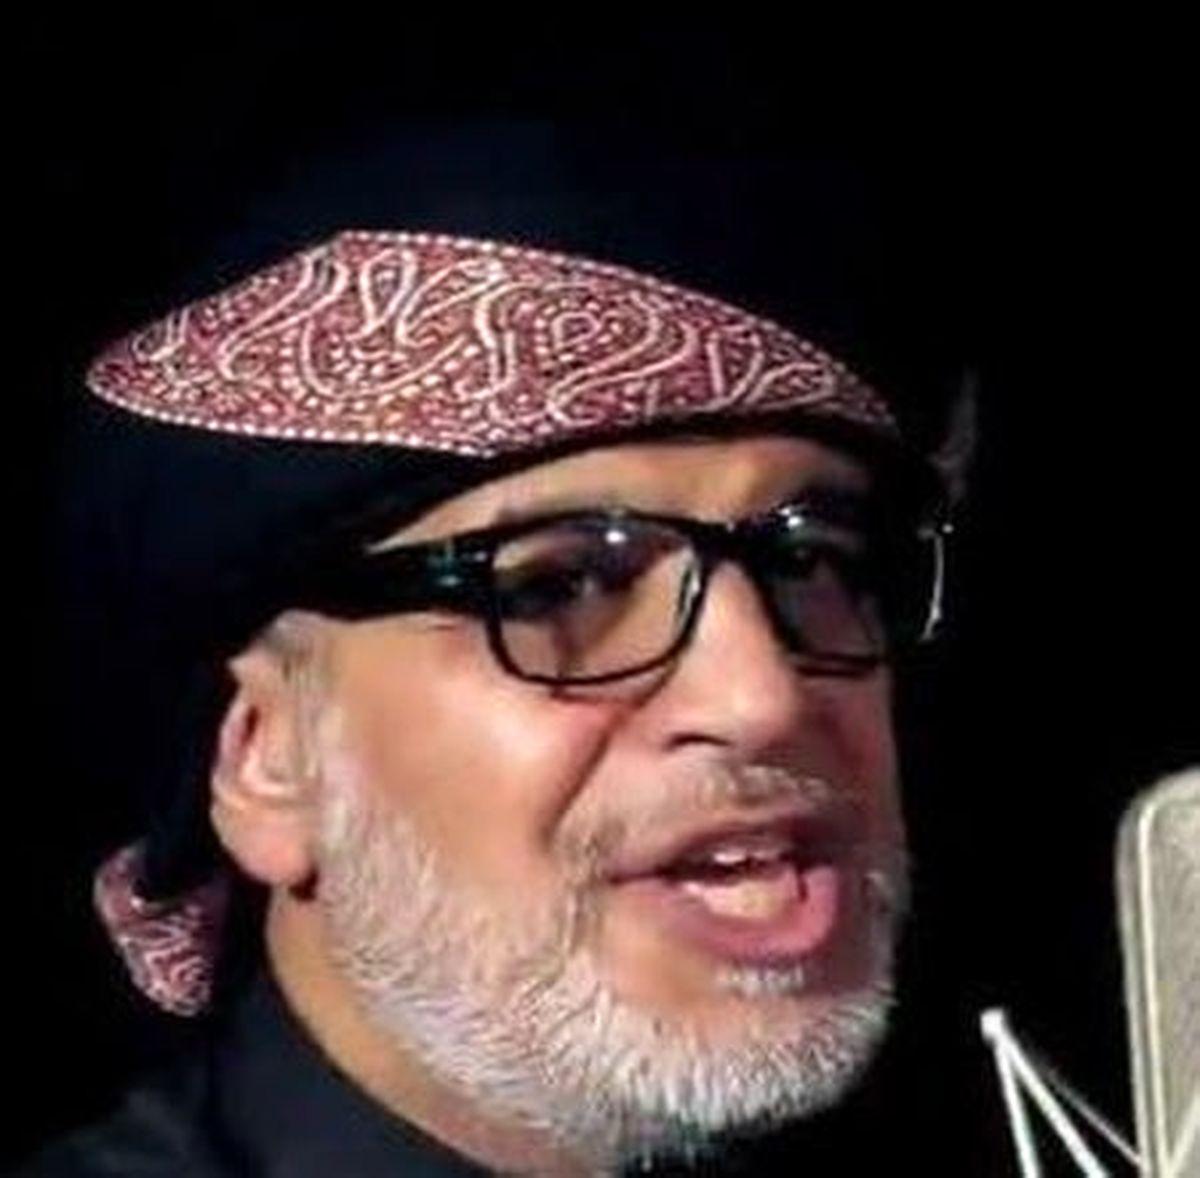 دانلود مداحی معروف نزار قطری